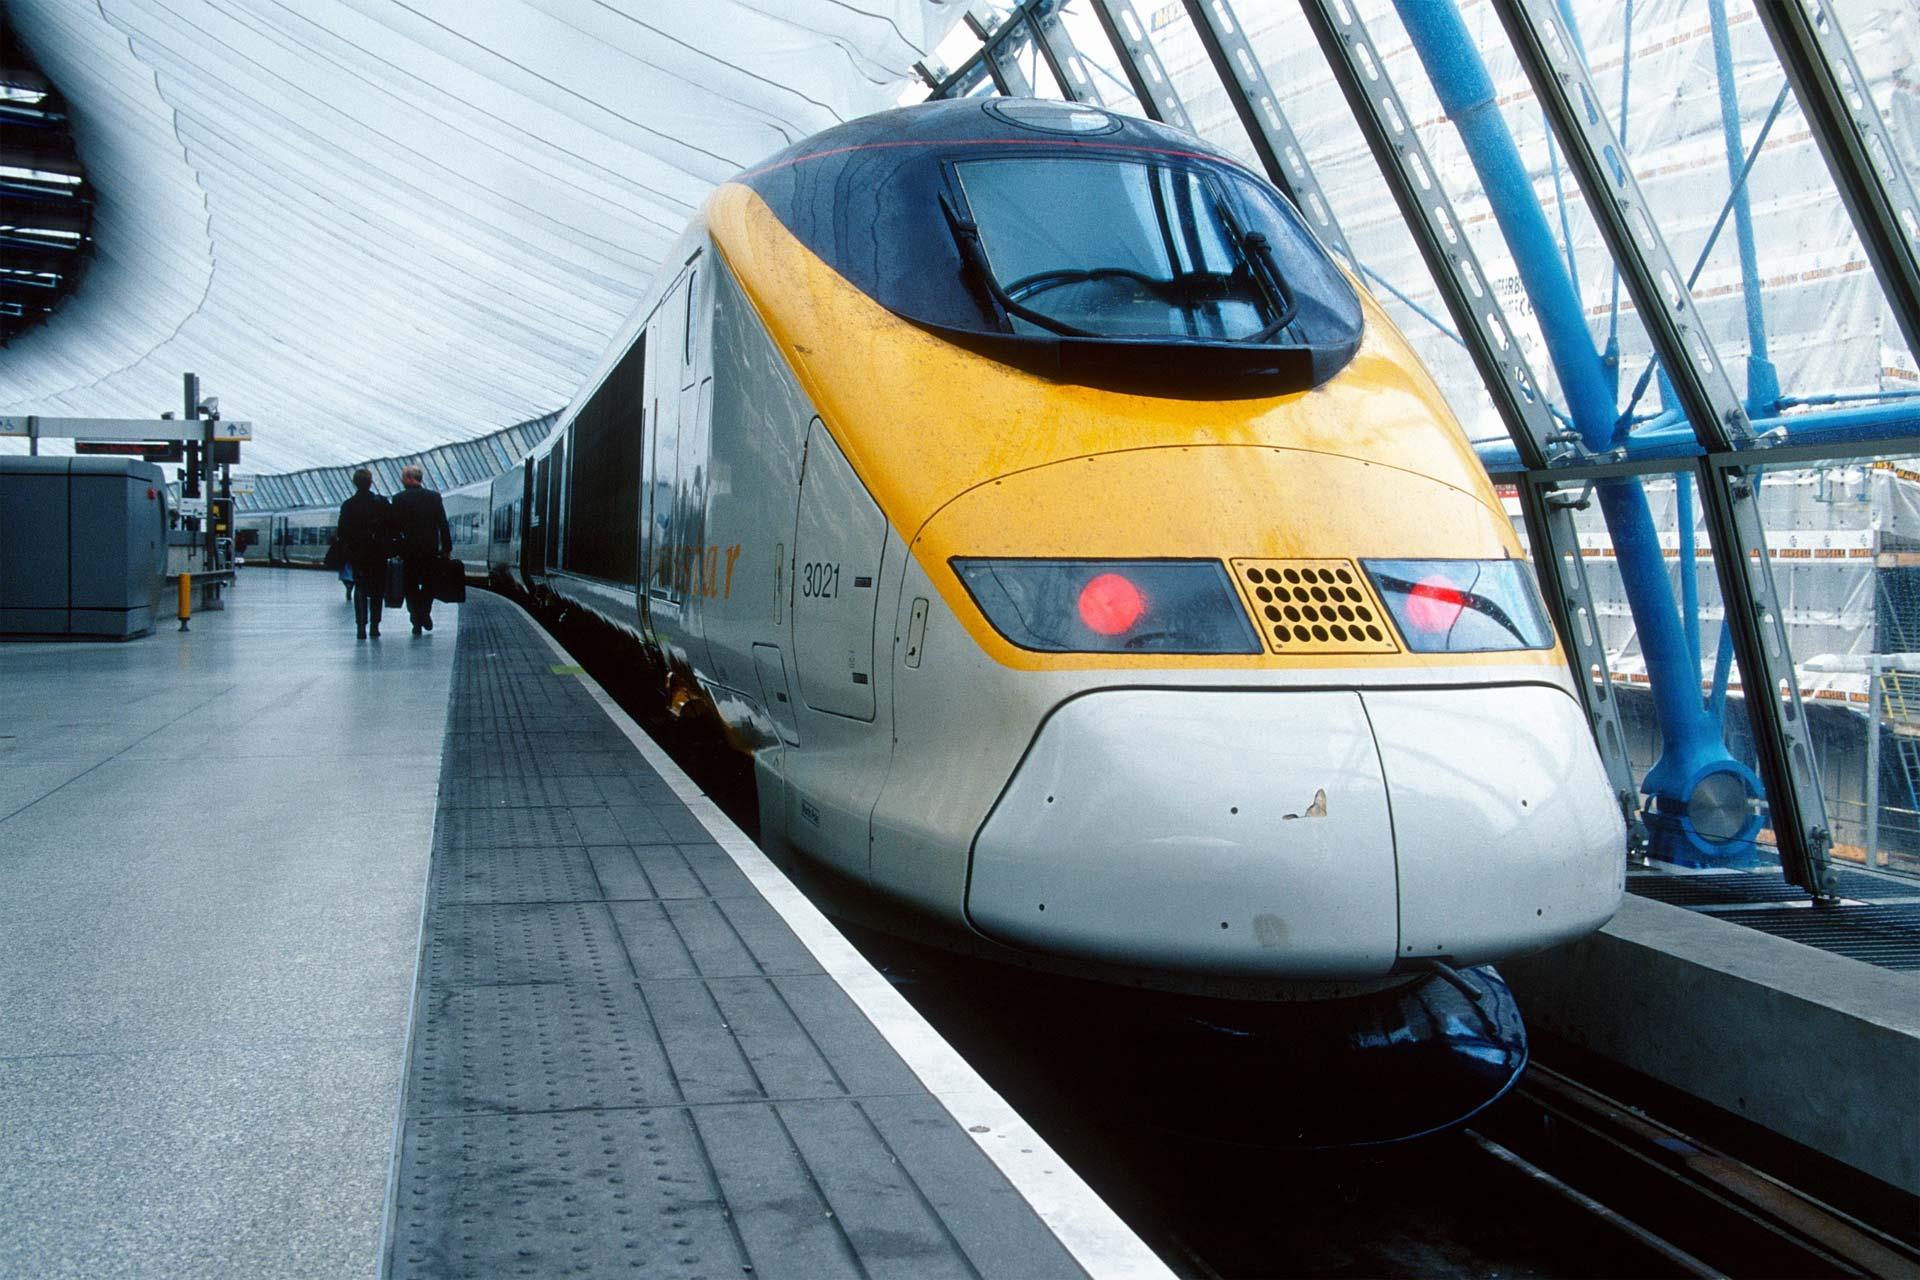 Primer ministro belga pide que todos los usuarios de trenes sometan su equipaje a controles de radar